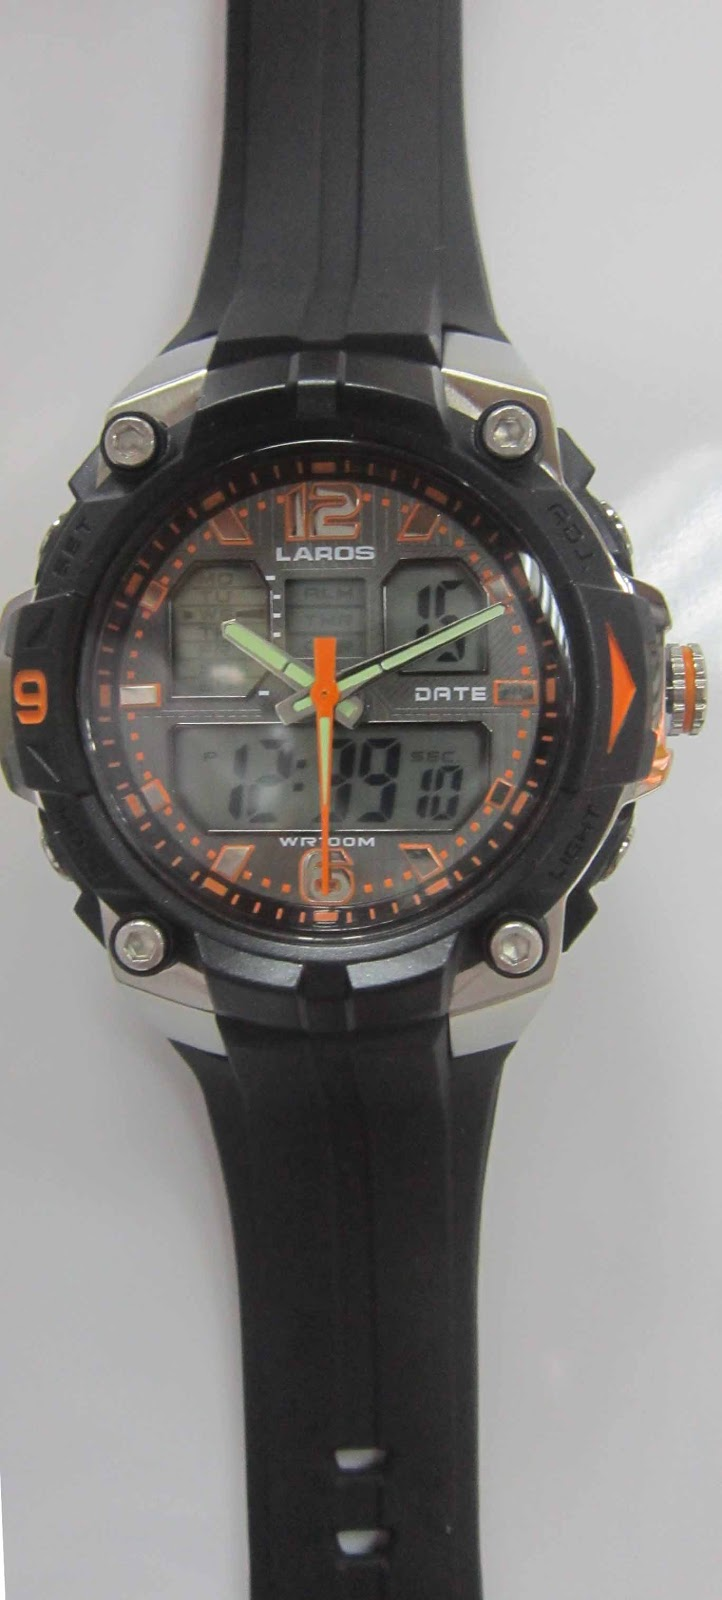 Архив Есть такая марка: Laros Другие часы. подскажет где сейчас купить их можно? нужна спортивная модель LAROS PB-006